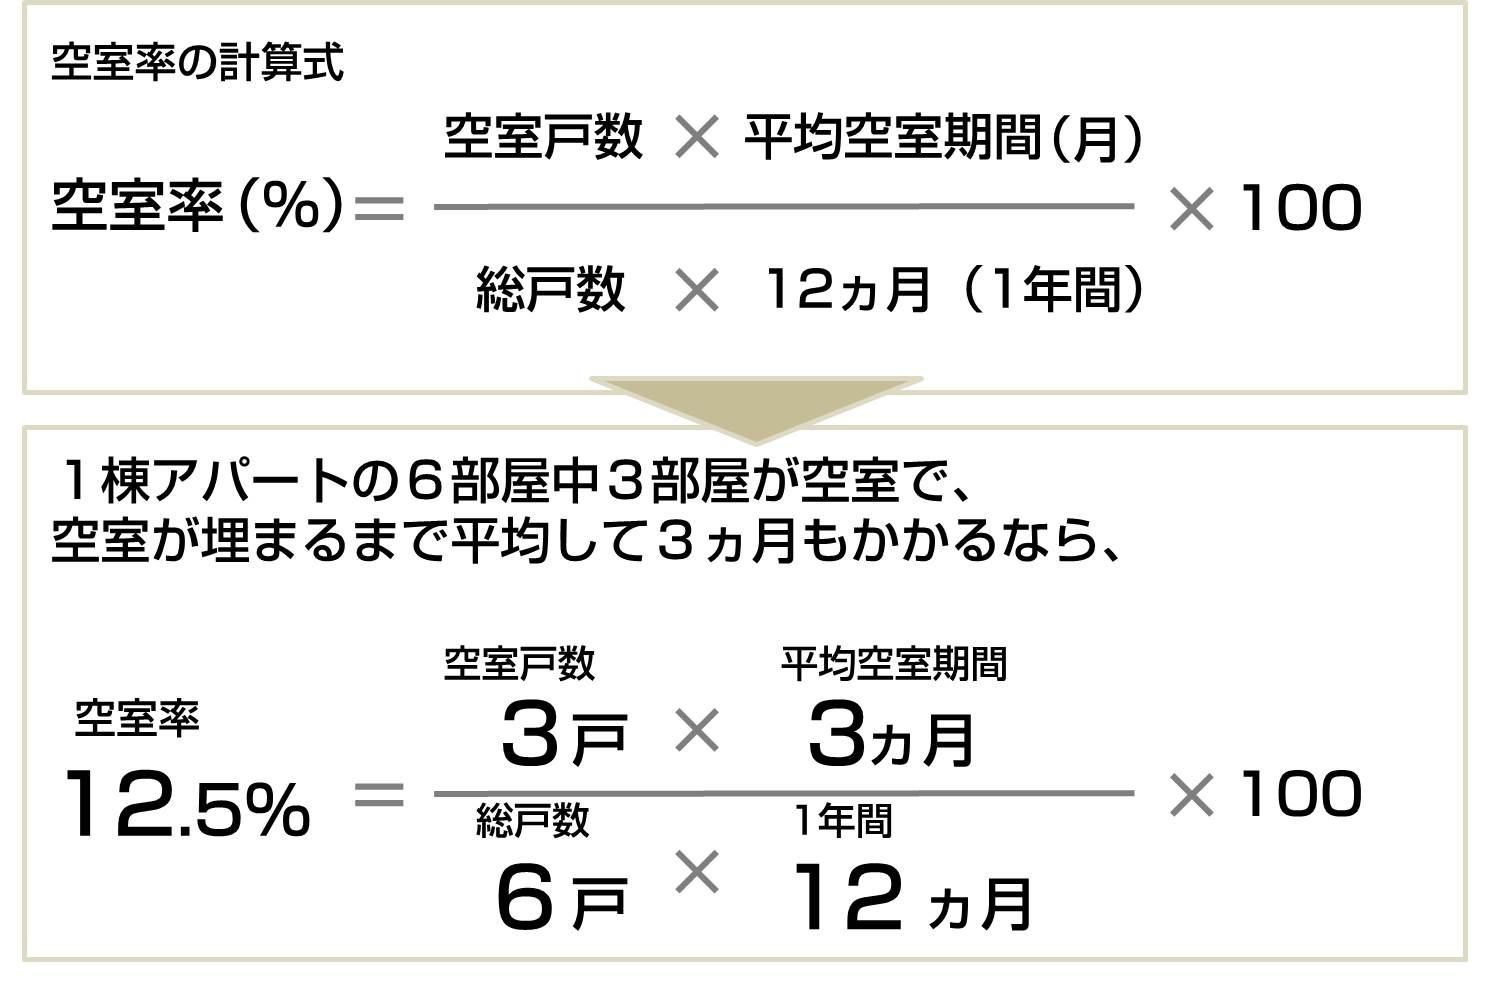 空室率の計算式